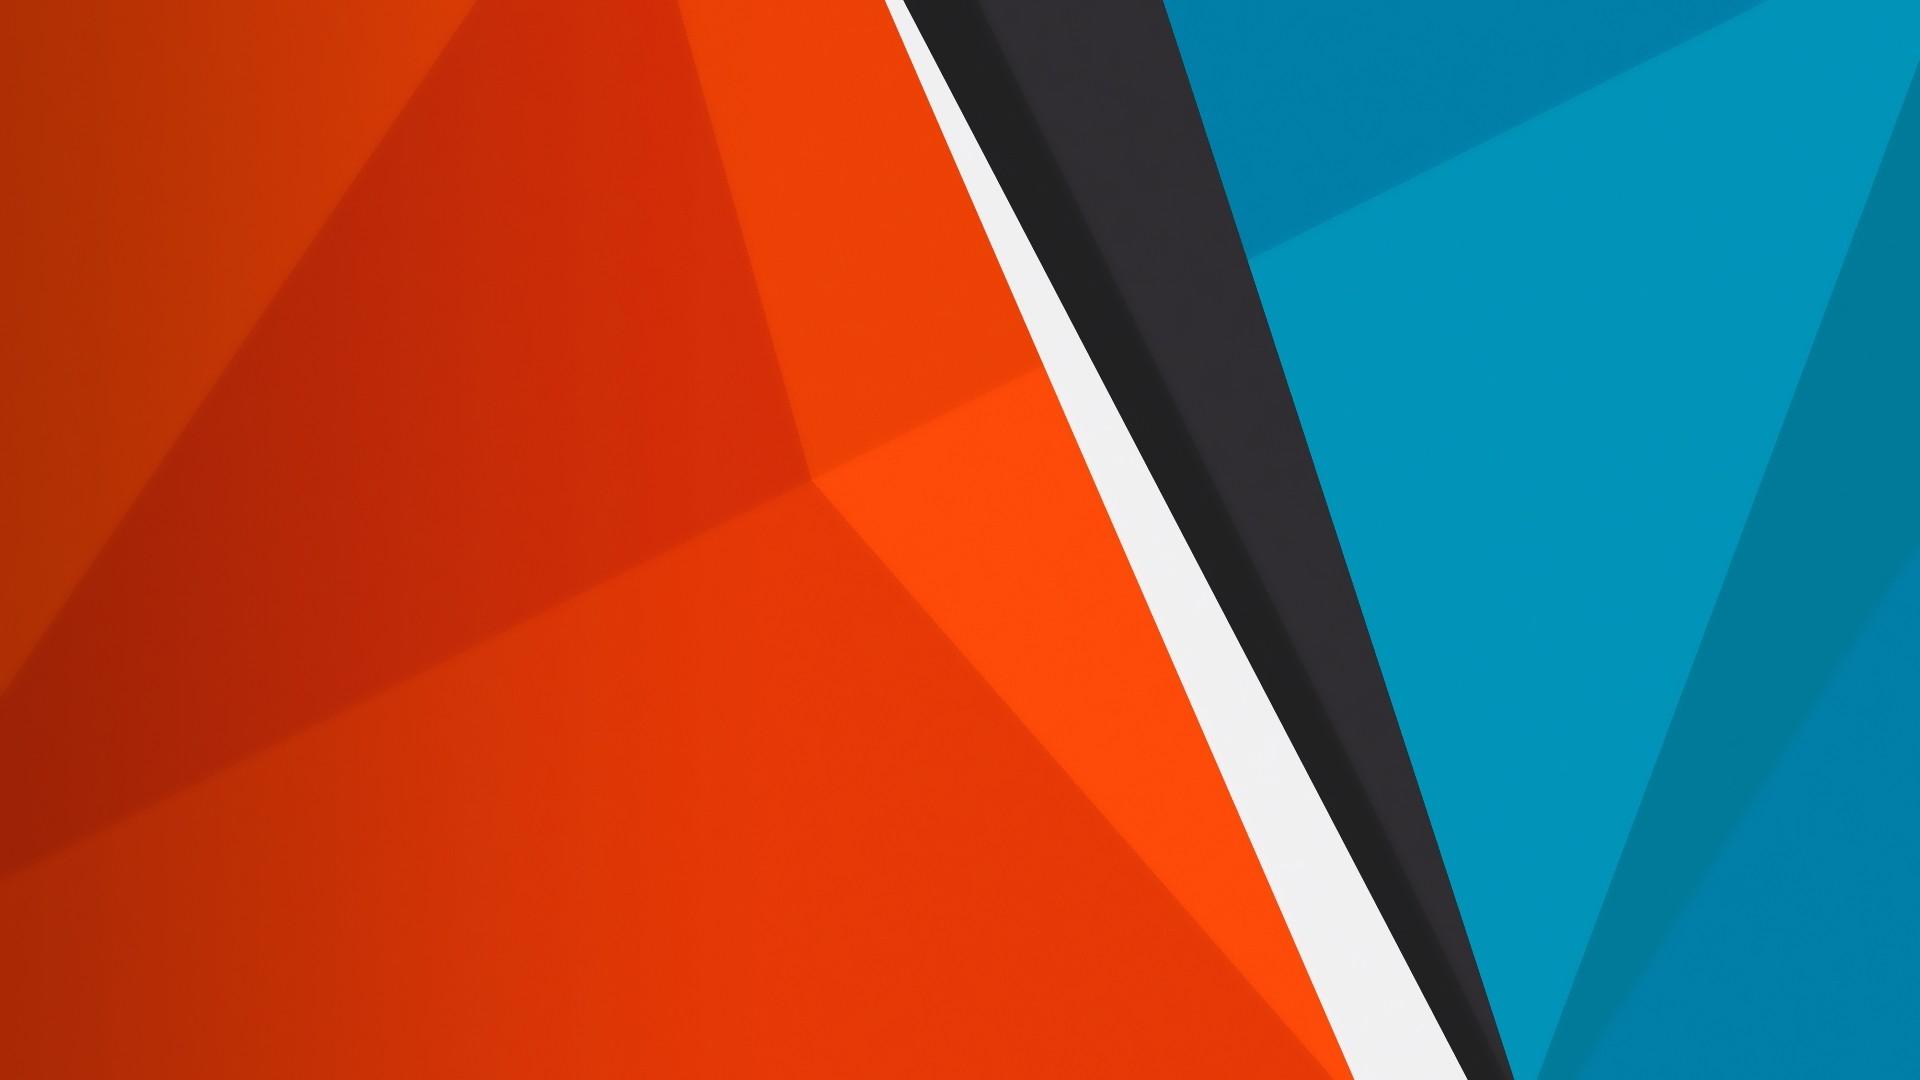 デスクトップ壁紙 図 赤 旗 三角形 オレンジ サークル